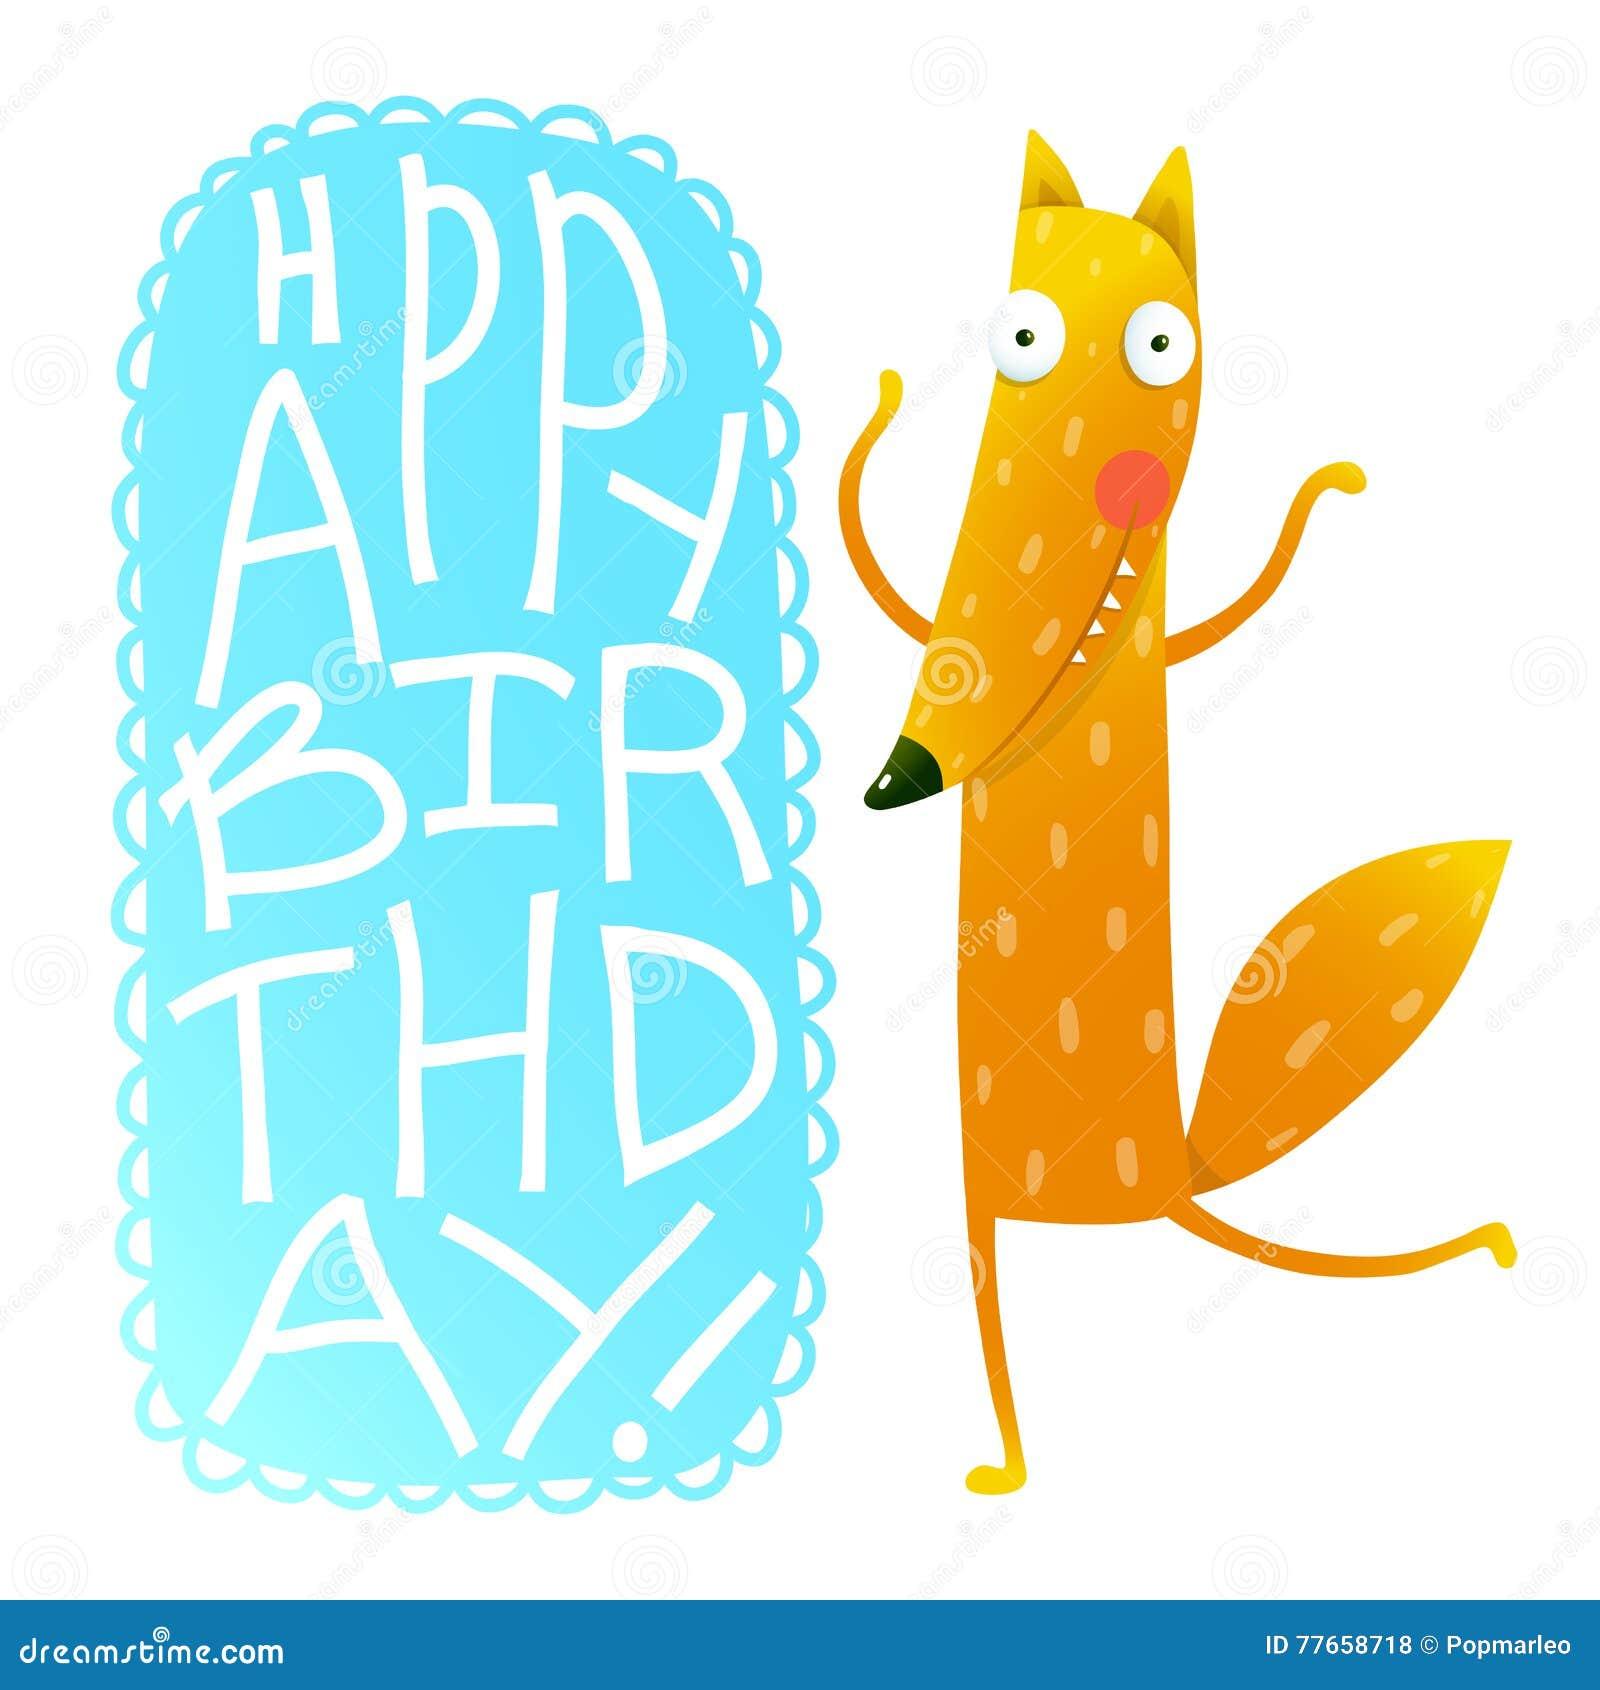 Happy Birthday Card Design With Cute Cartoon Fox